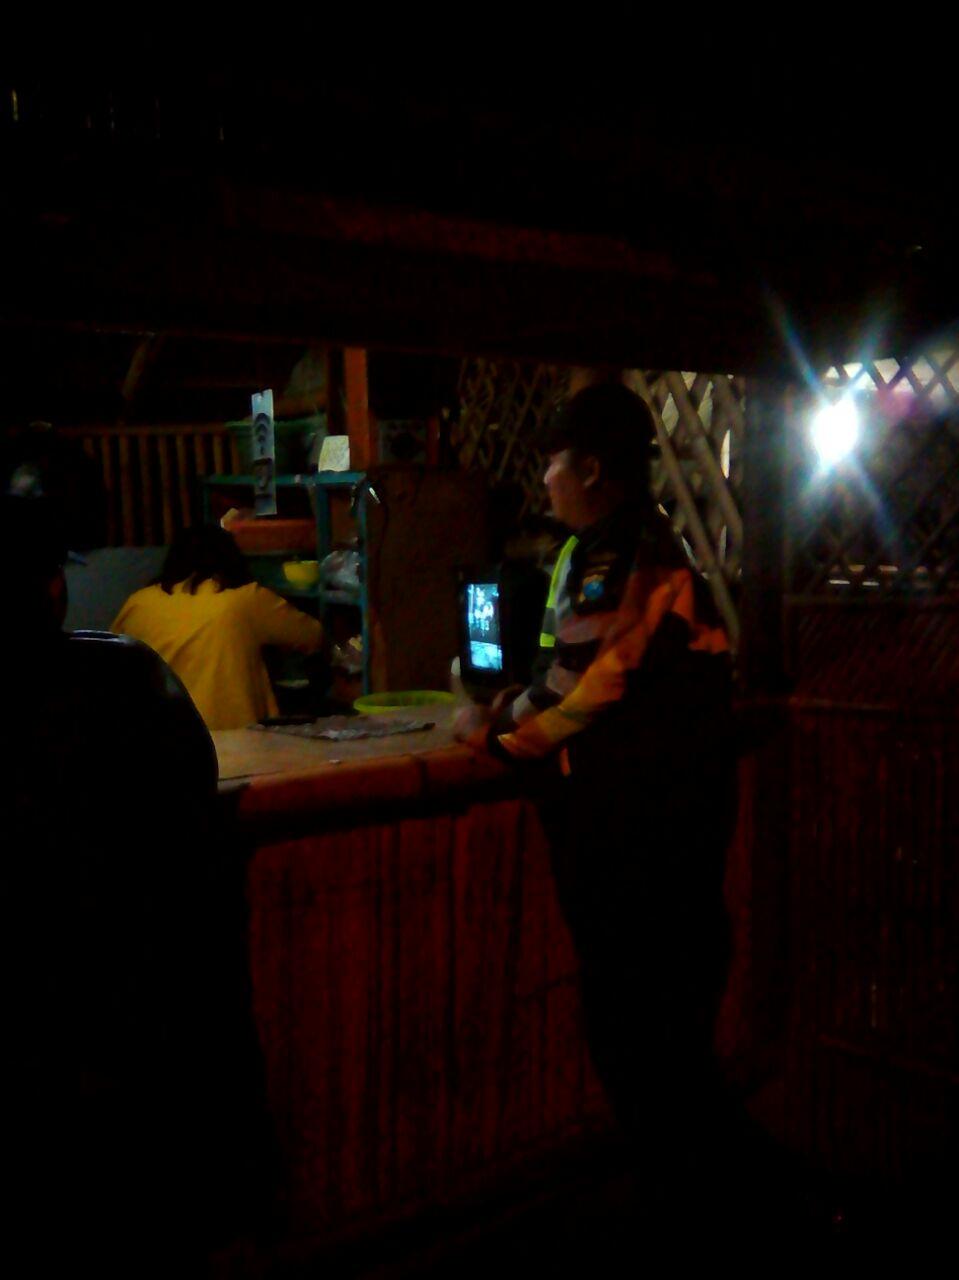 Patroli Mitra Polsek Bumiaji Polres Batu Pada Malam Hari